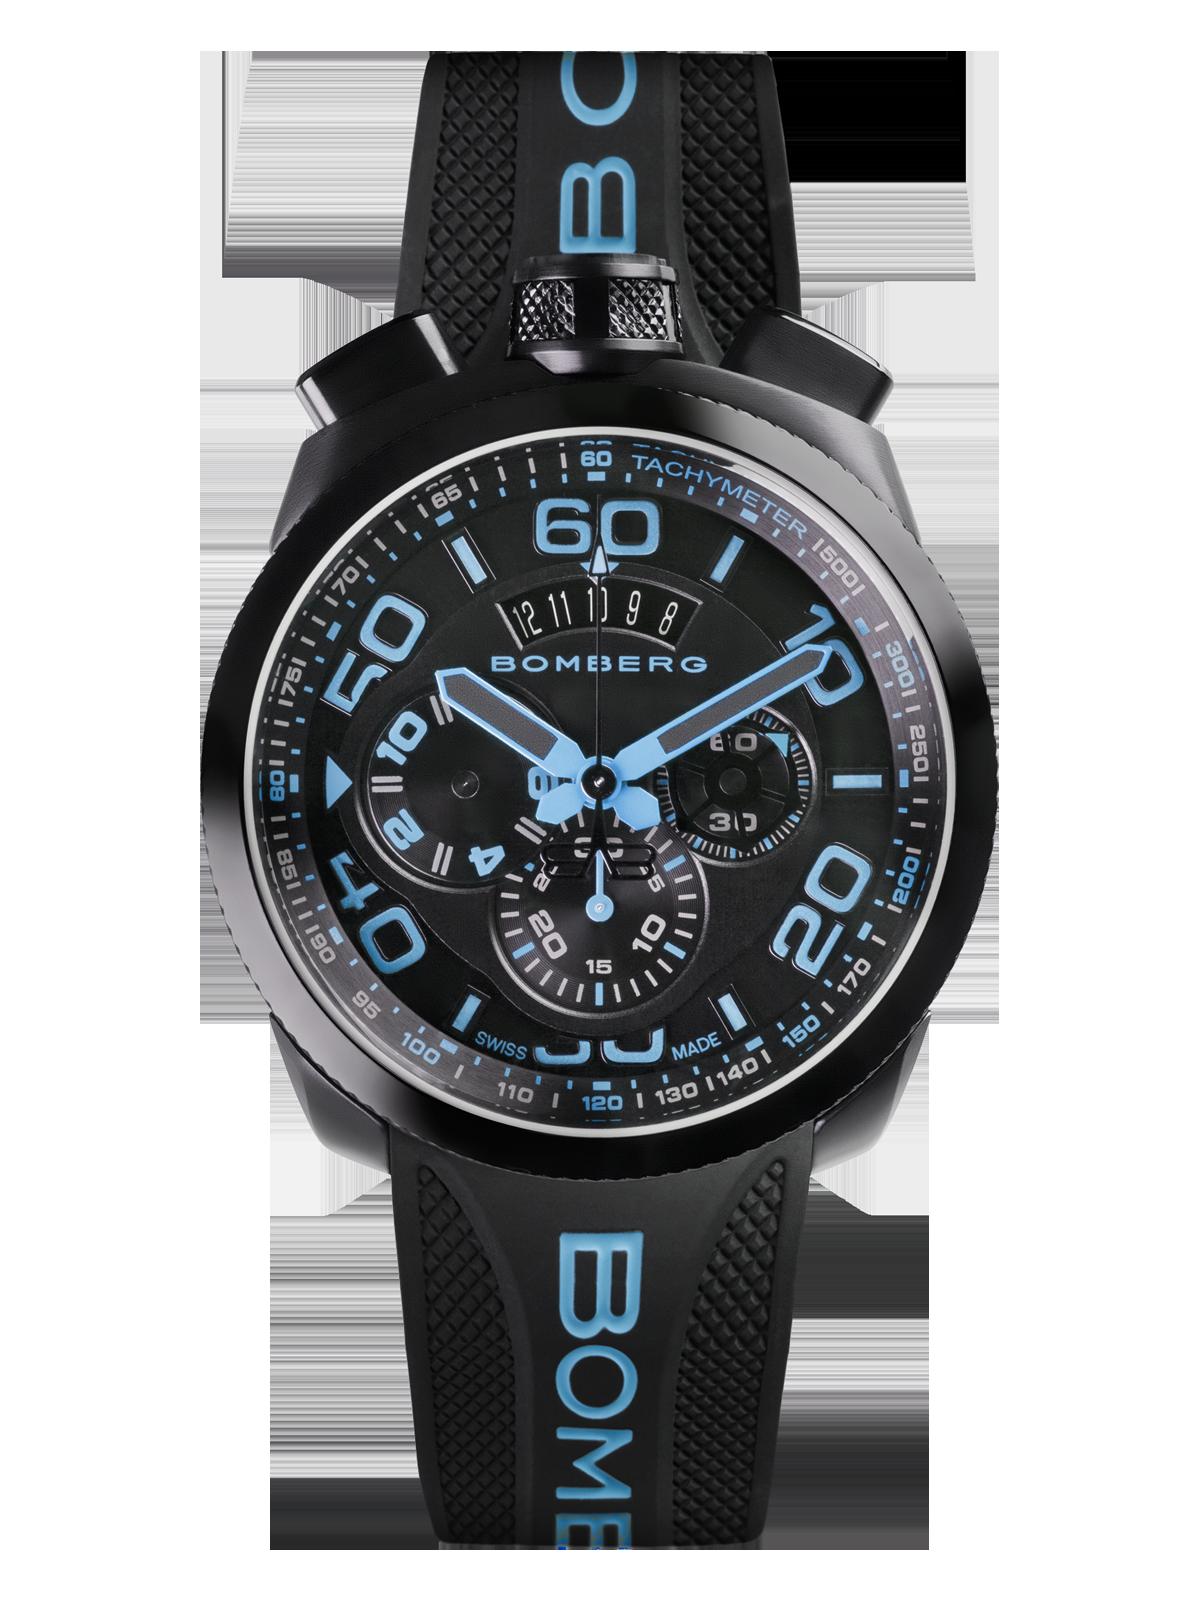 ボンバーグ ボルト-68 ネオン